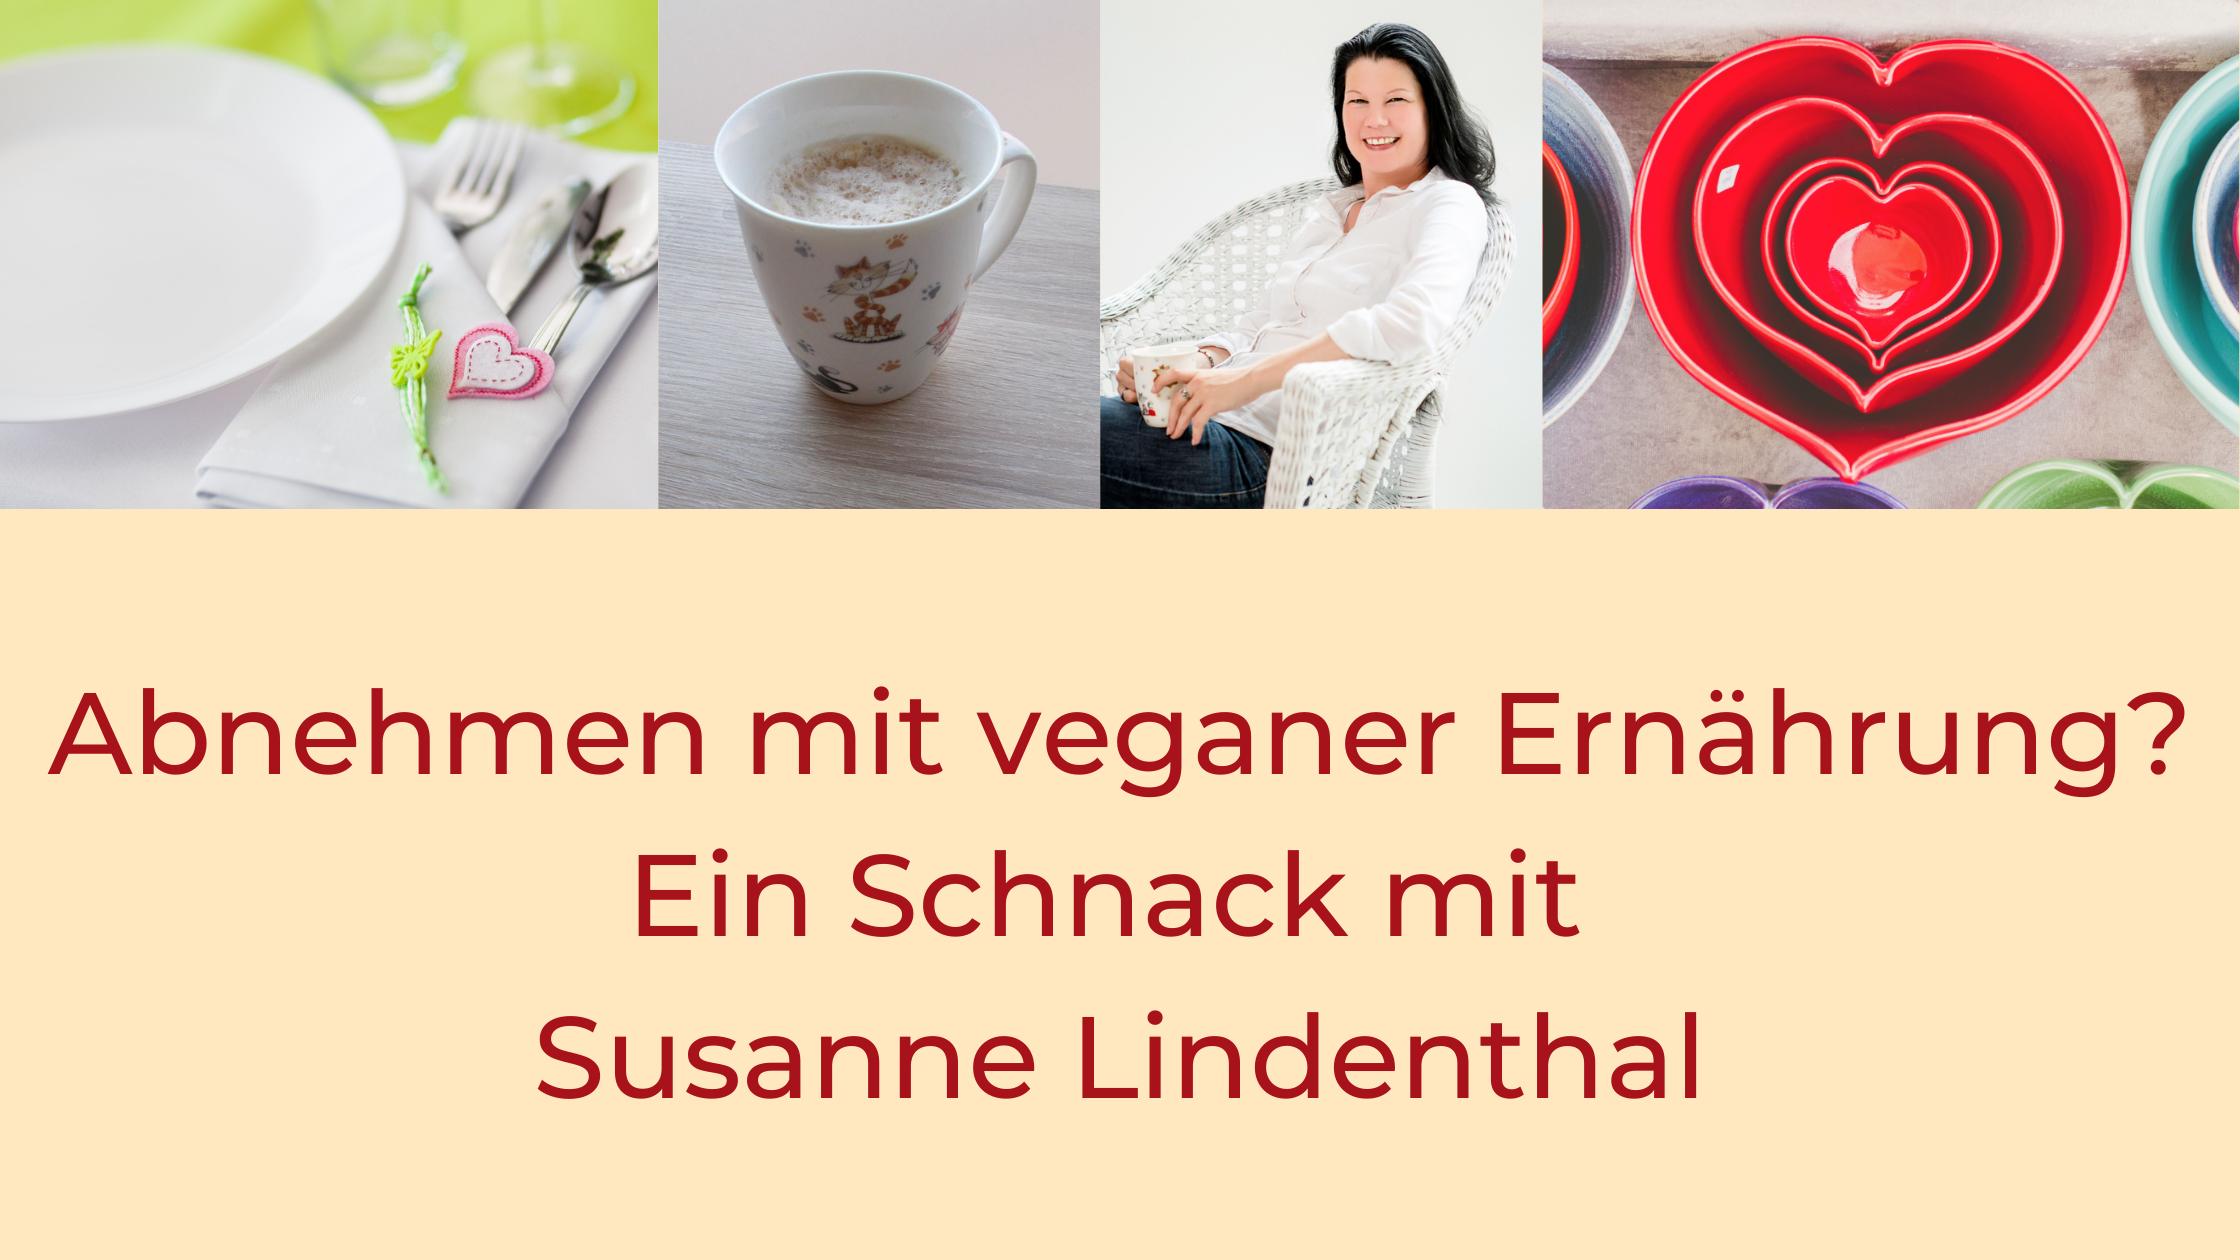 Titel: Abnehmen mit veganger Ernährung? Ein Schnack mit Susanne Lindenthal